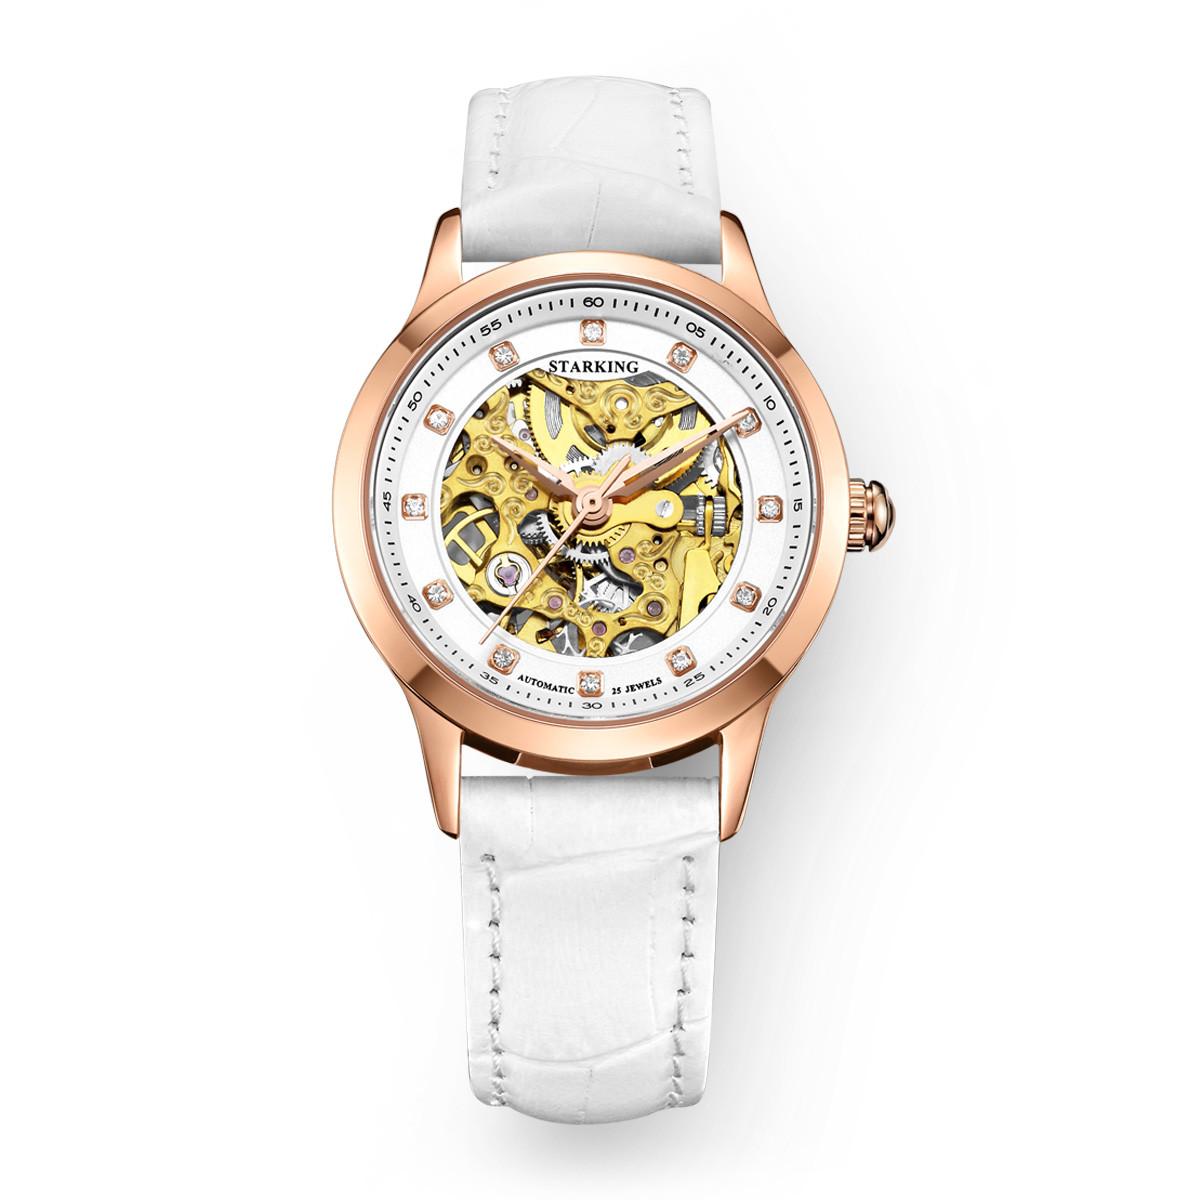 星皇星皇女表双面镂空全自动机械腕表镶钻时尚潮流机械女士手表AL0188RL11